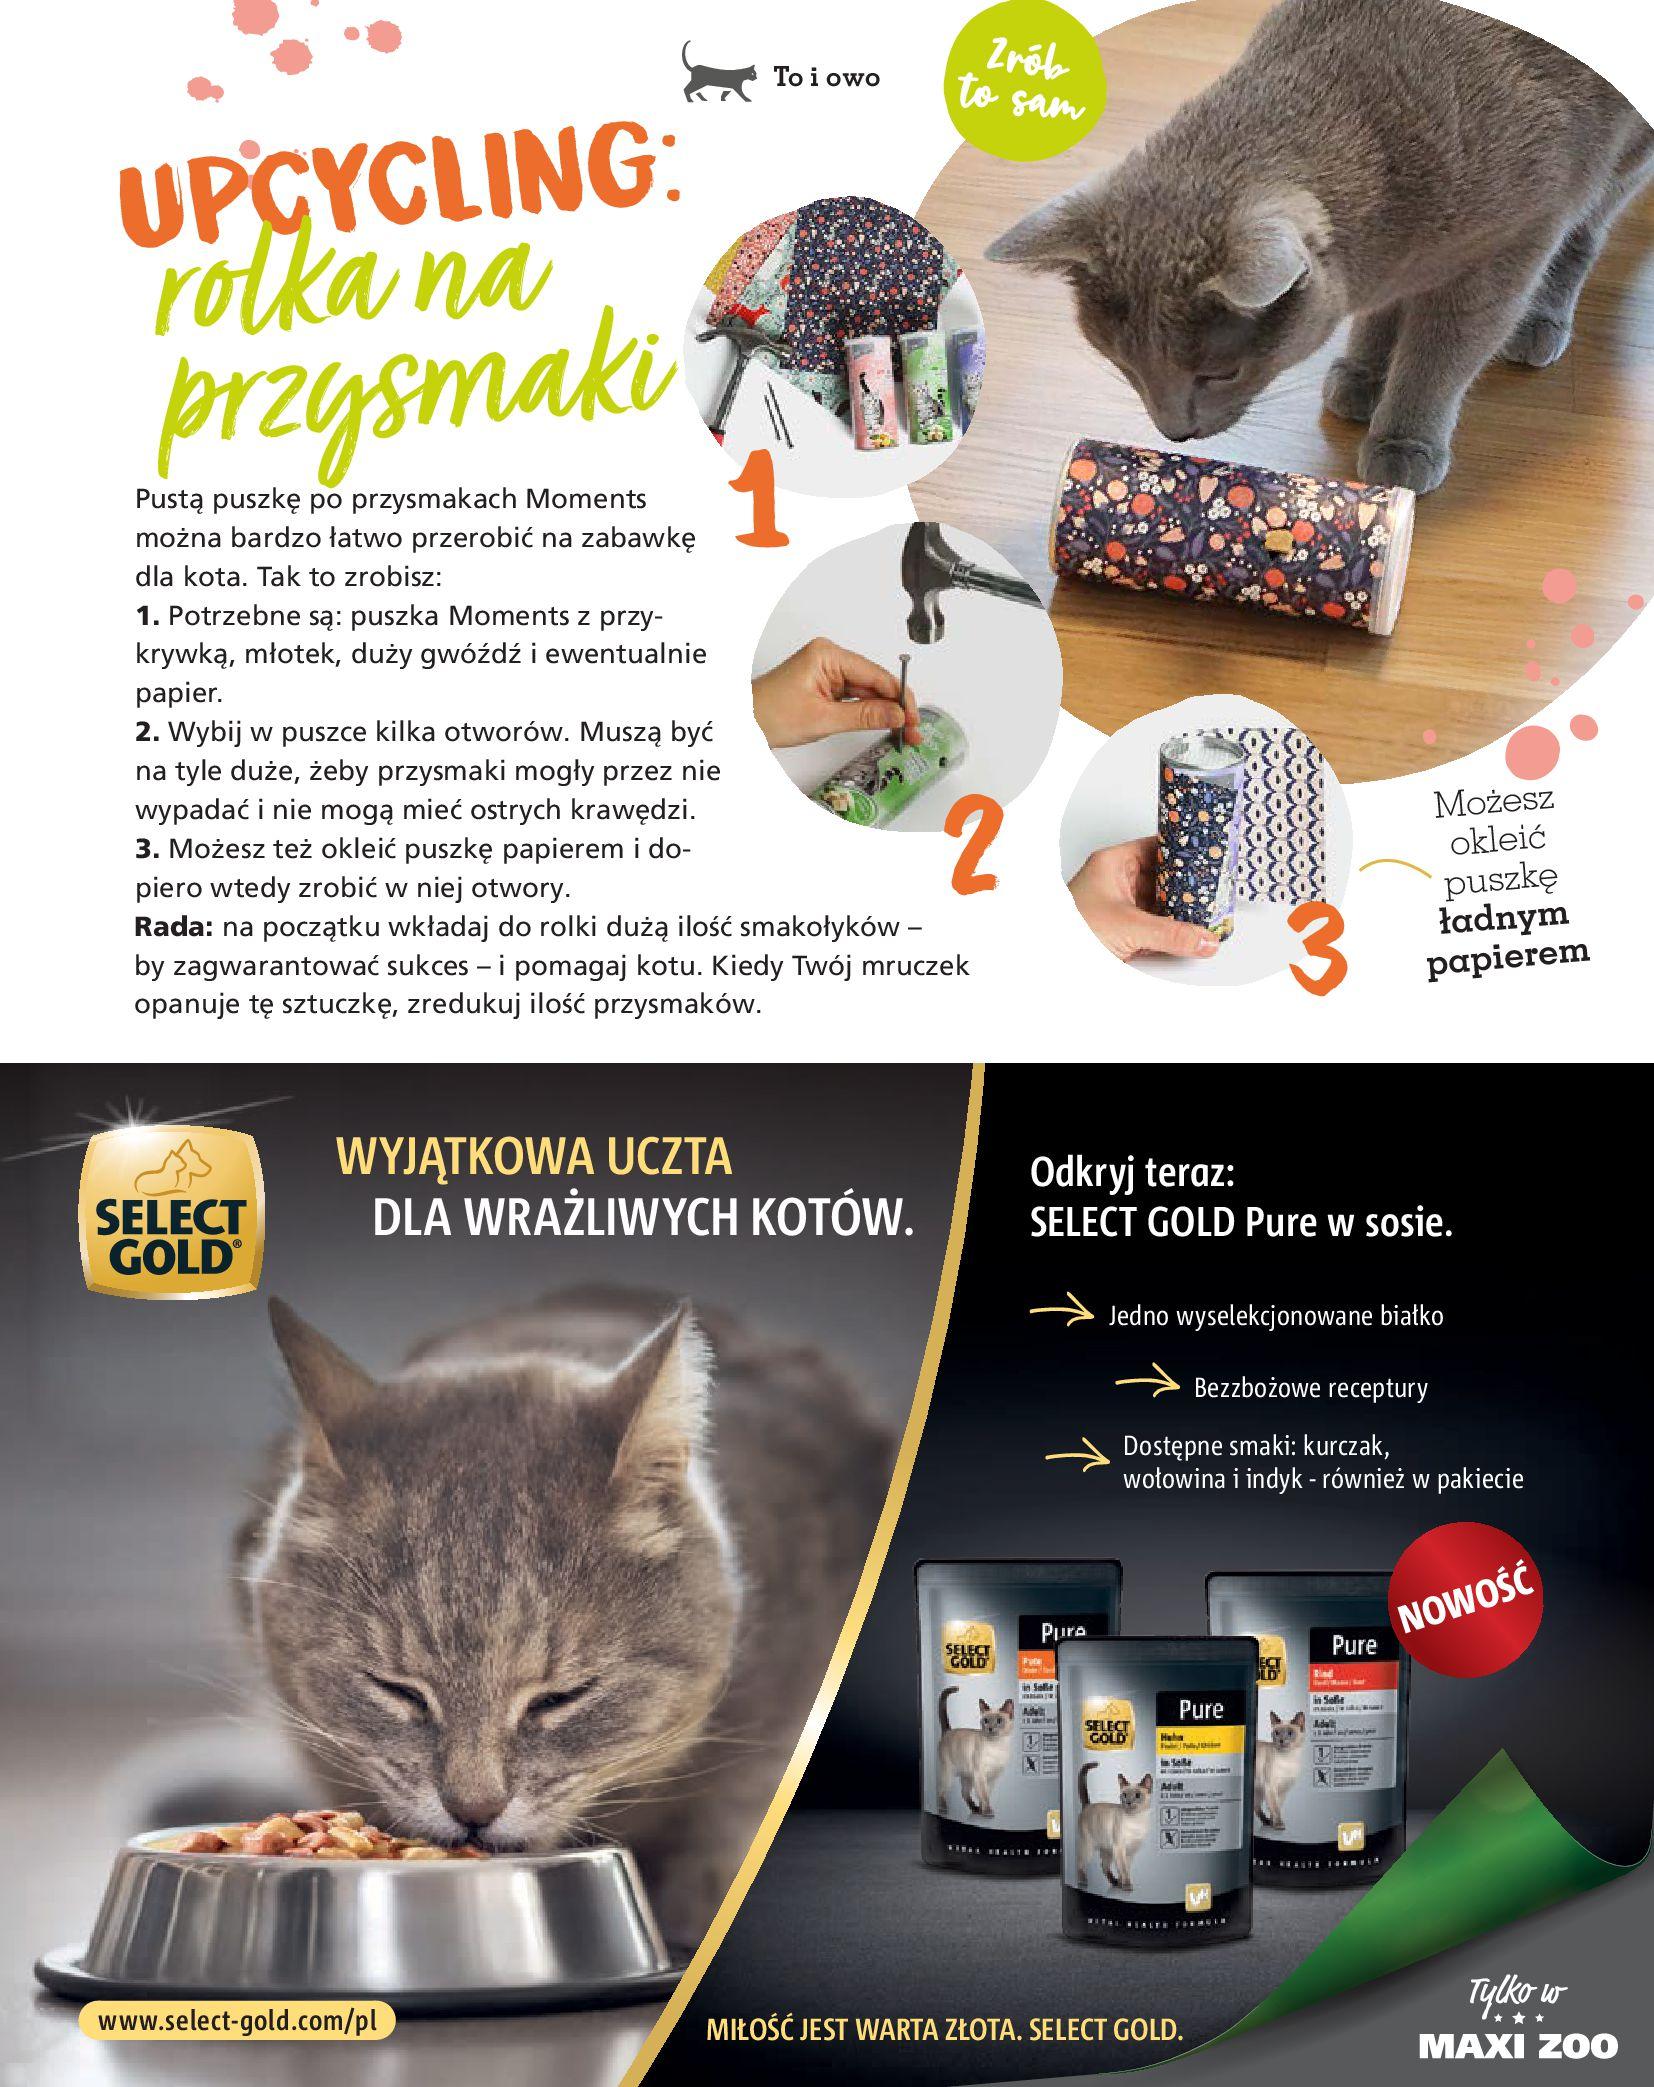 Gazetka Maxi Zoo: Gazetka Maxi Zoo - Friends 2021-05-18 page-7